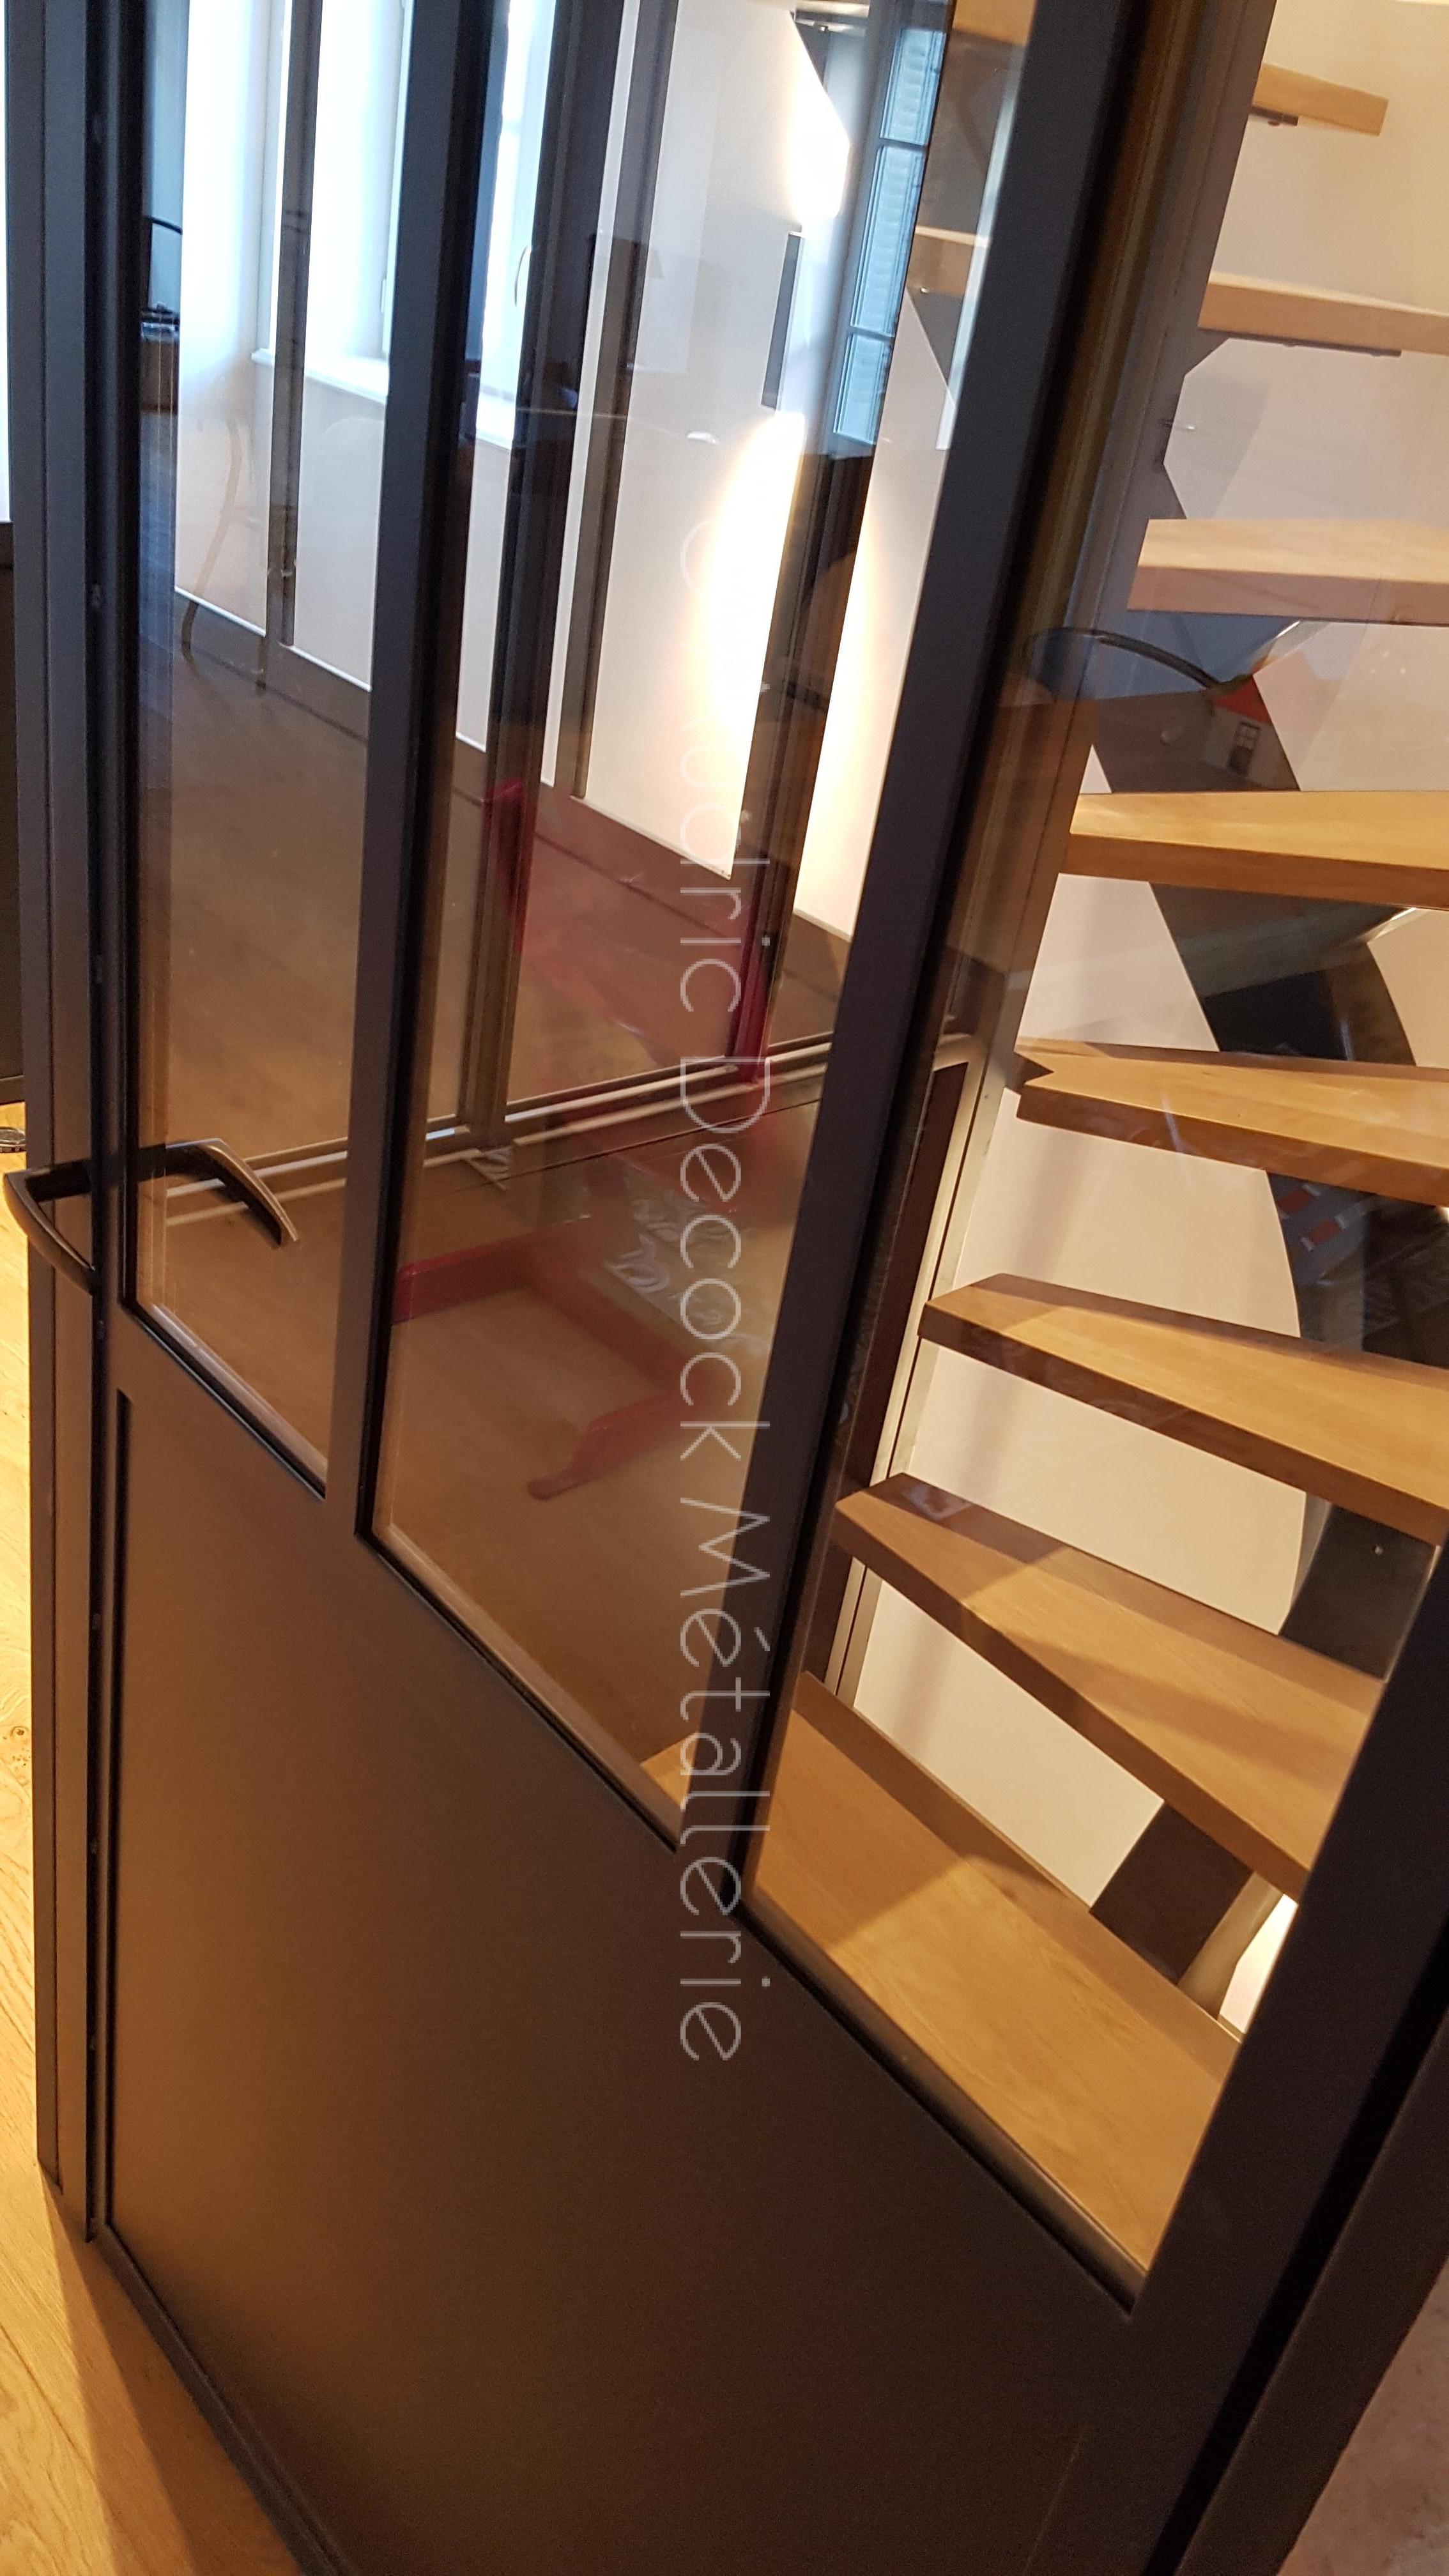 escalier-a-limon-central-69-lyon